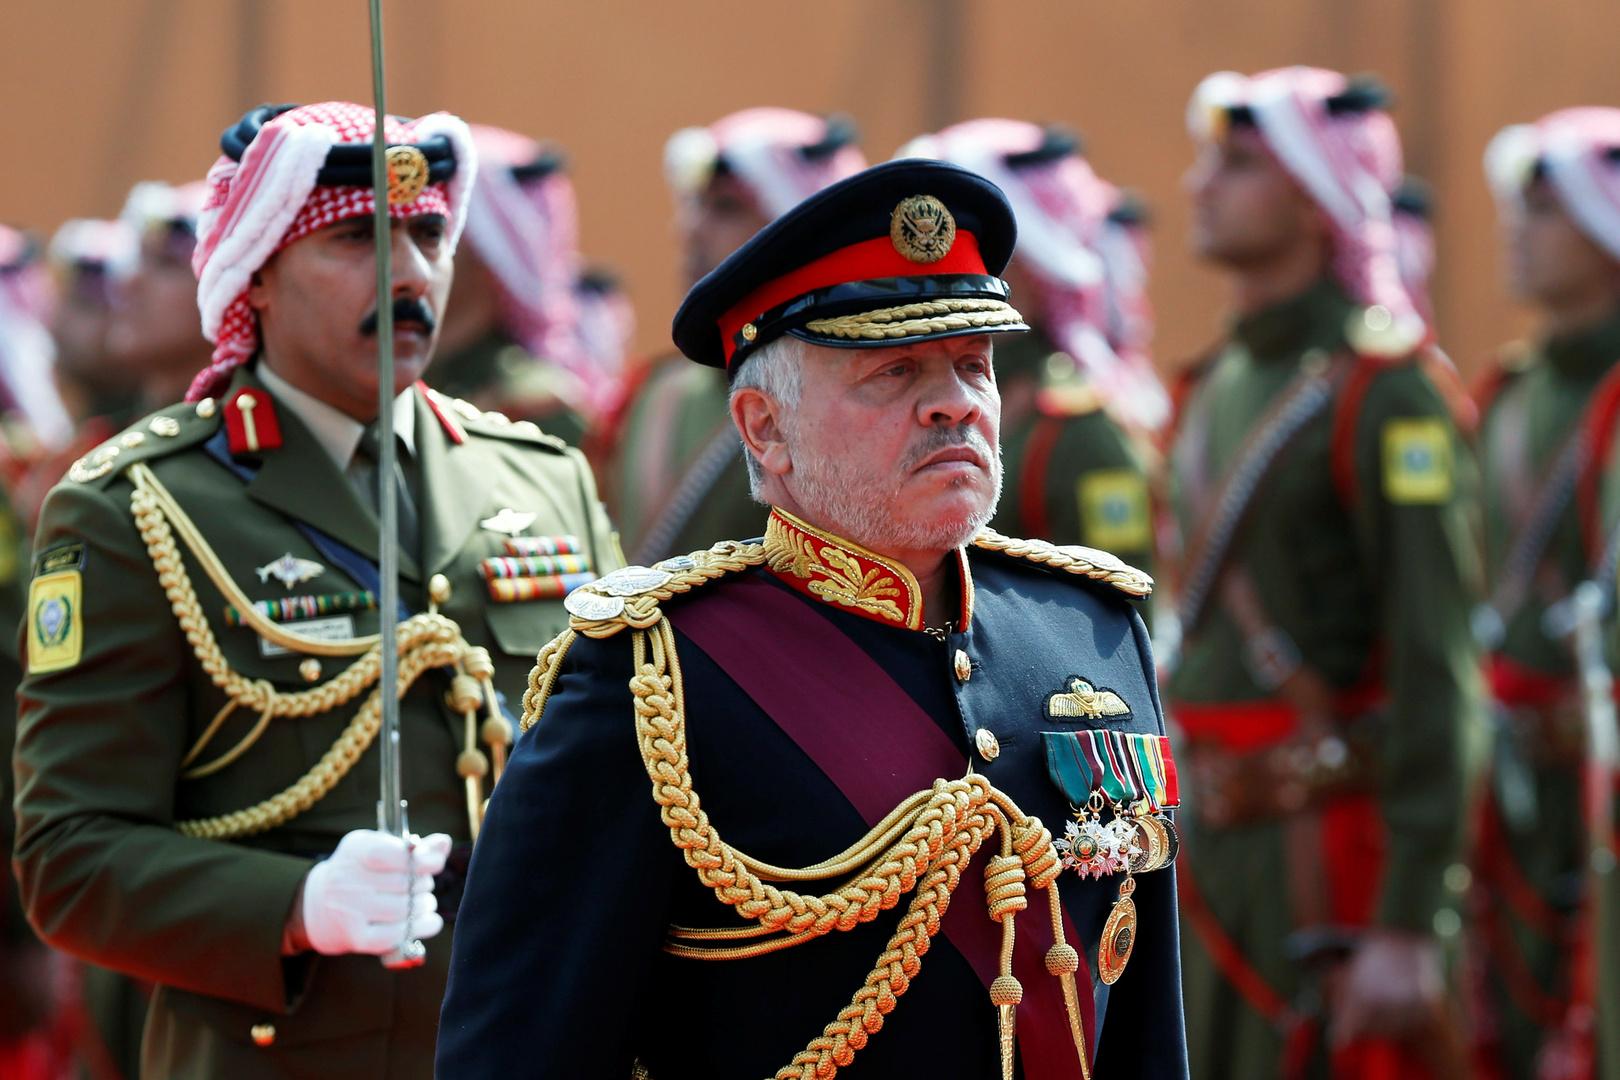 تضامن عربي ودولي مع العاهل الأردني في